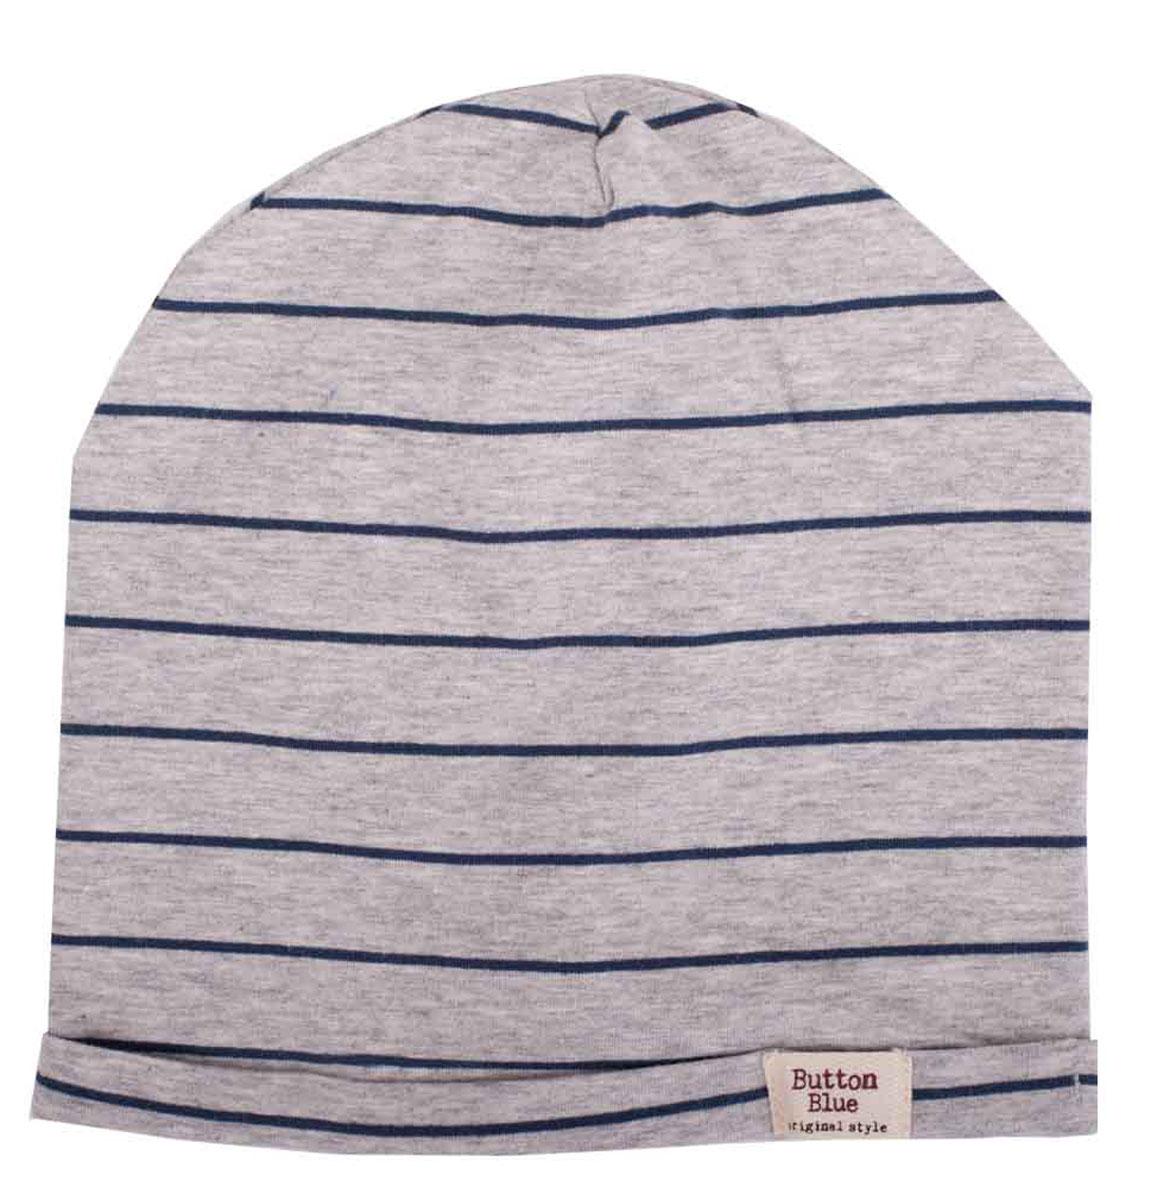 Шапка детская117BBBX73011905Трикотажные шапки - важный атрибут повседневного гардероба! Они отлично согревают, а также украшают и завершают весенний комплект. У них один недостаток: они часто теряются. Шапки забывают в парке, в школе, в детском саду, поэтому их в гардеробе должно быть много, а значит, шапки надо покупать по доступной цене. Купить недорого шапку для мальчика от Button Blue, значит, позаботиться о здоровье, внешнем виде и комфорте ребенка.